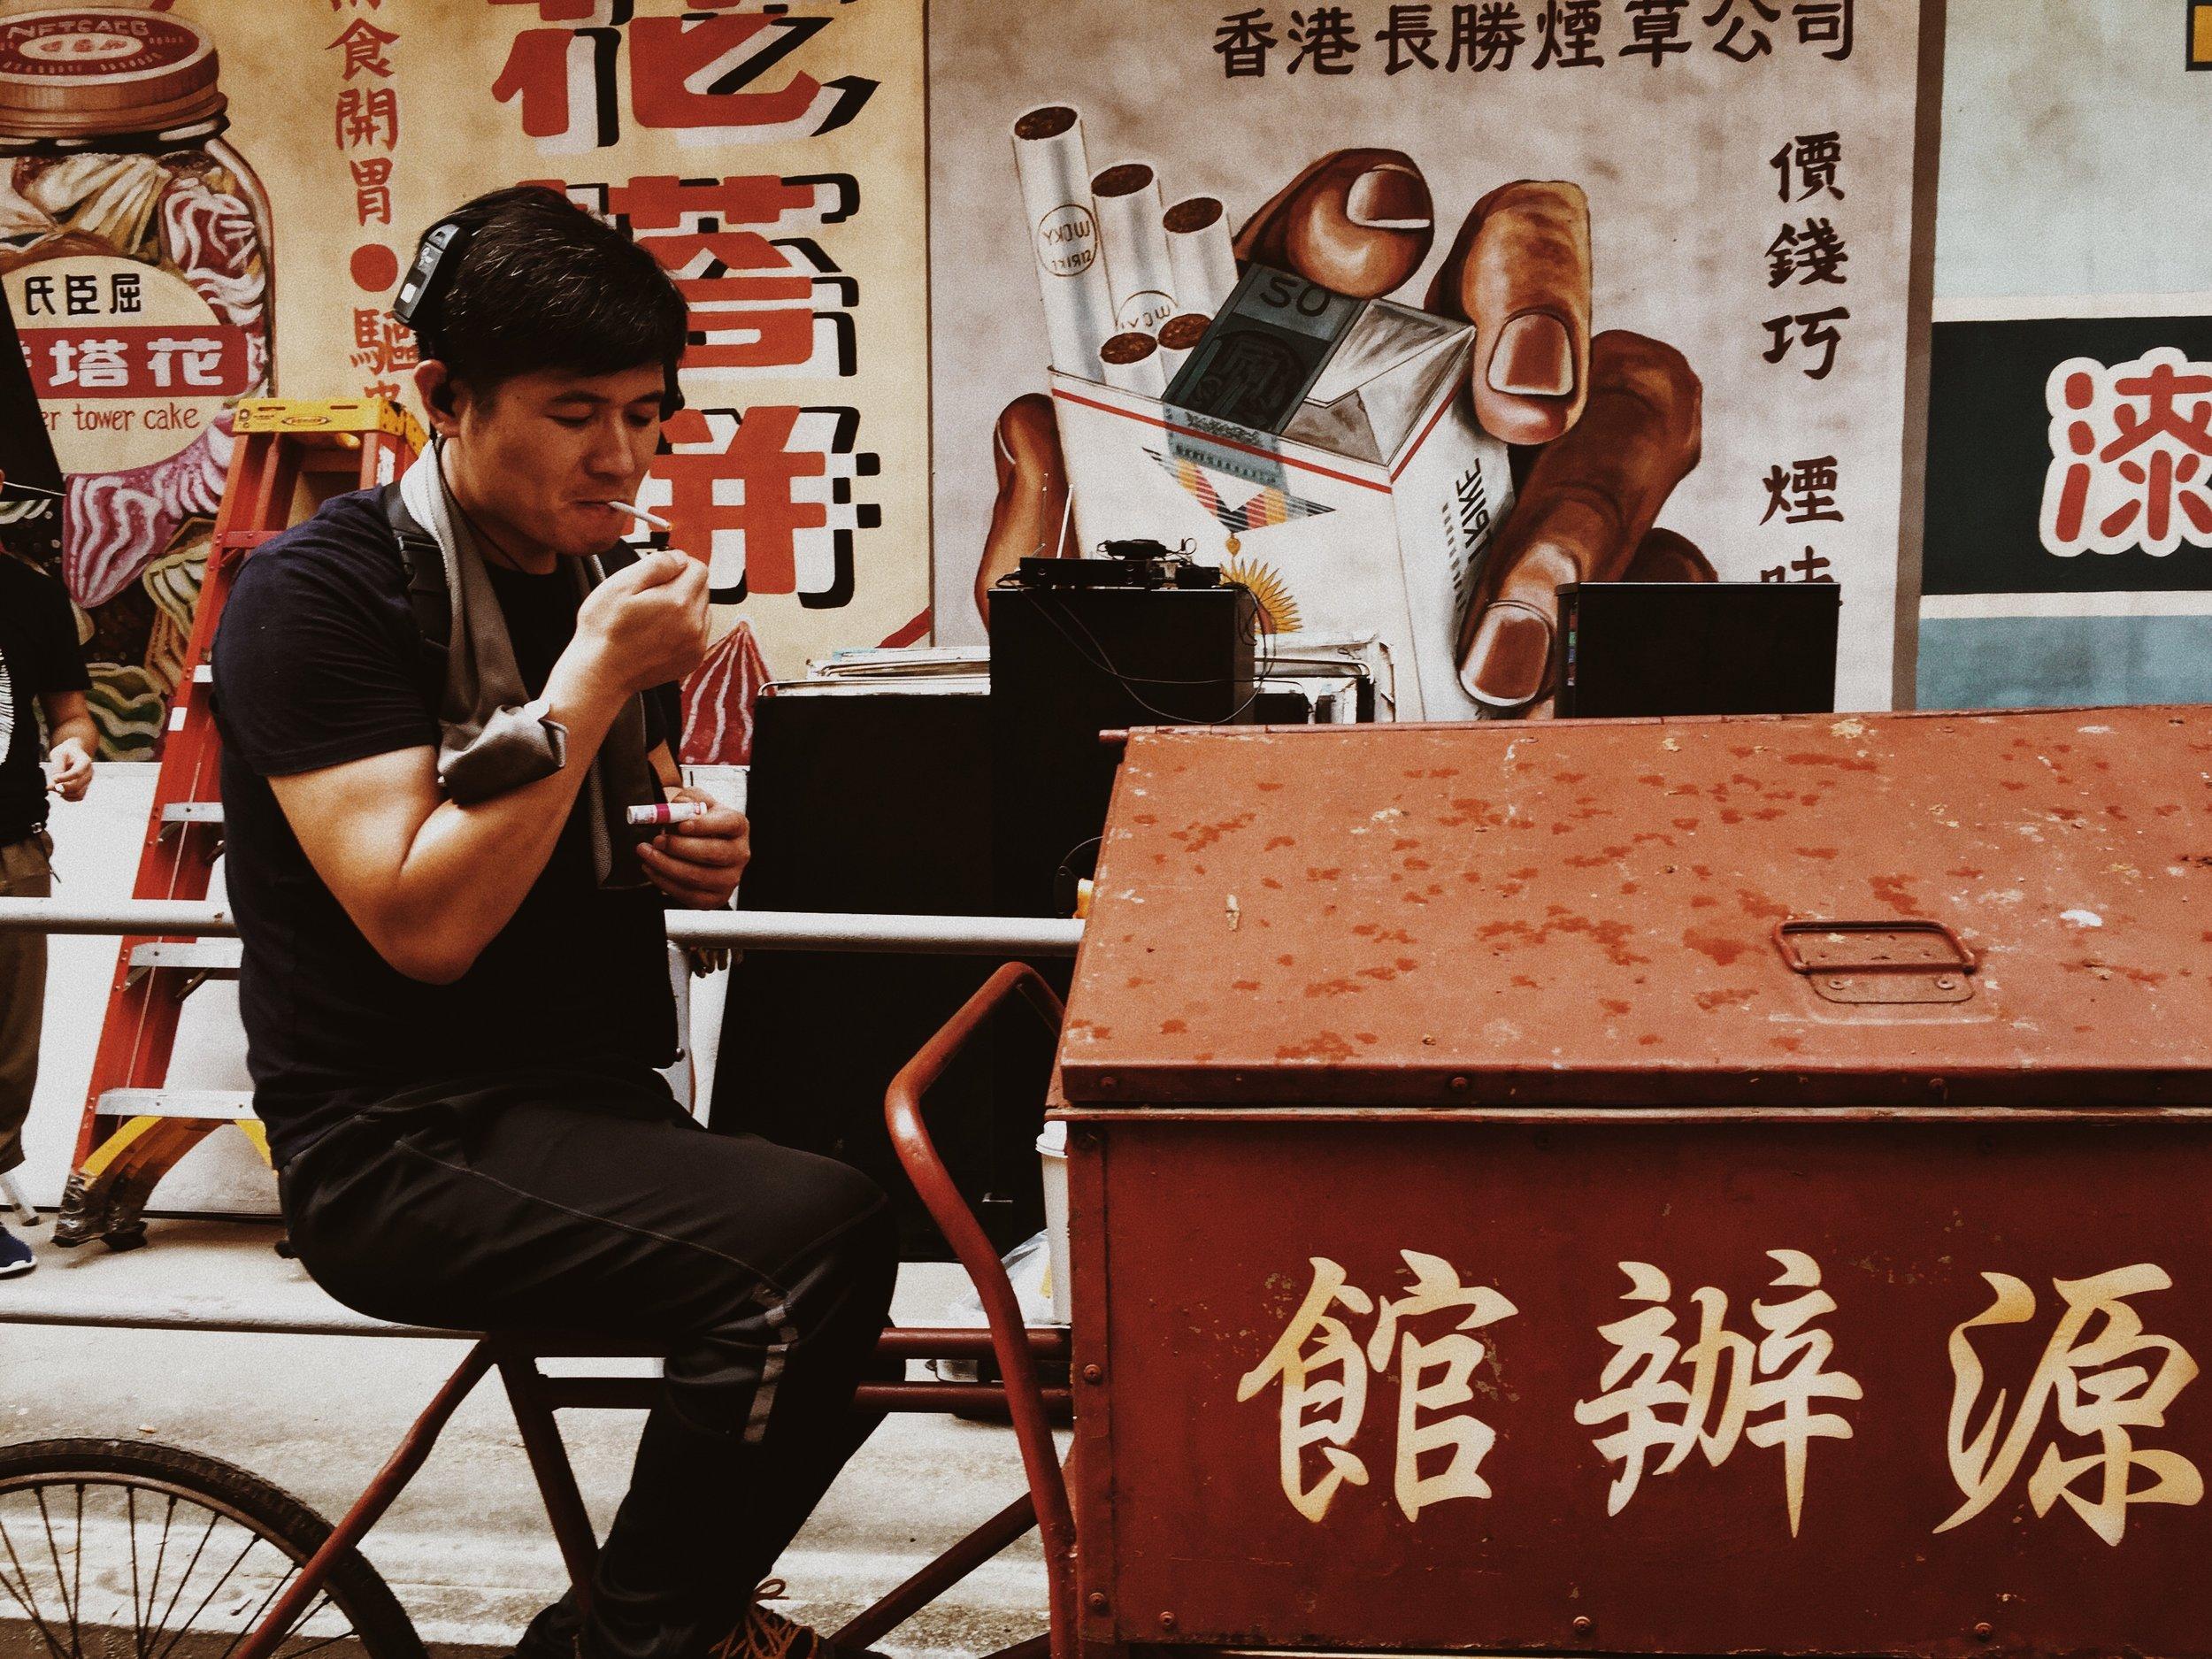 Zhang Yong and his smokes